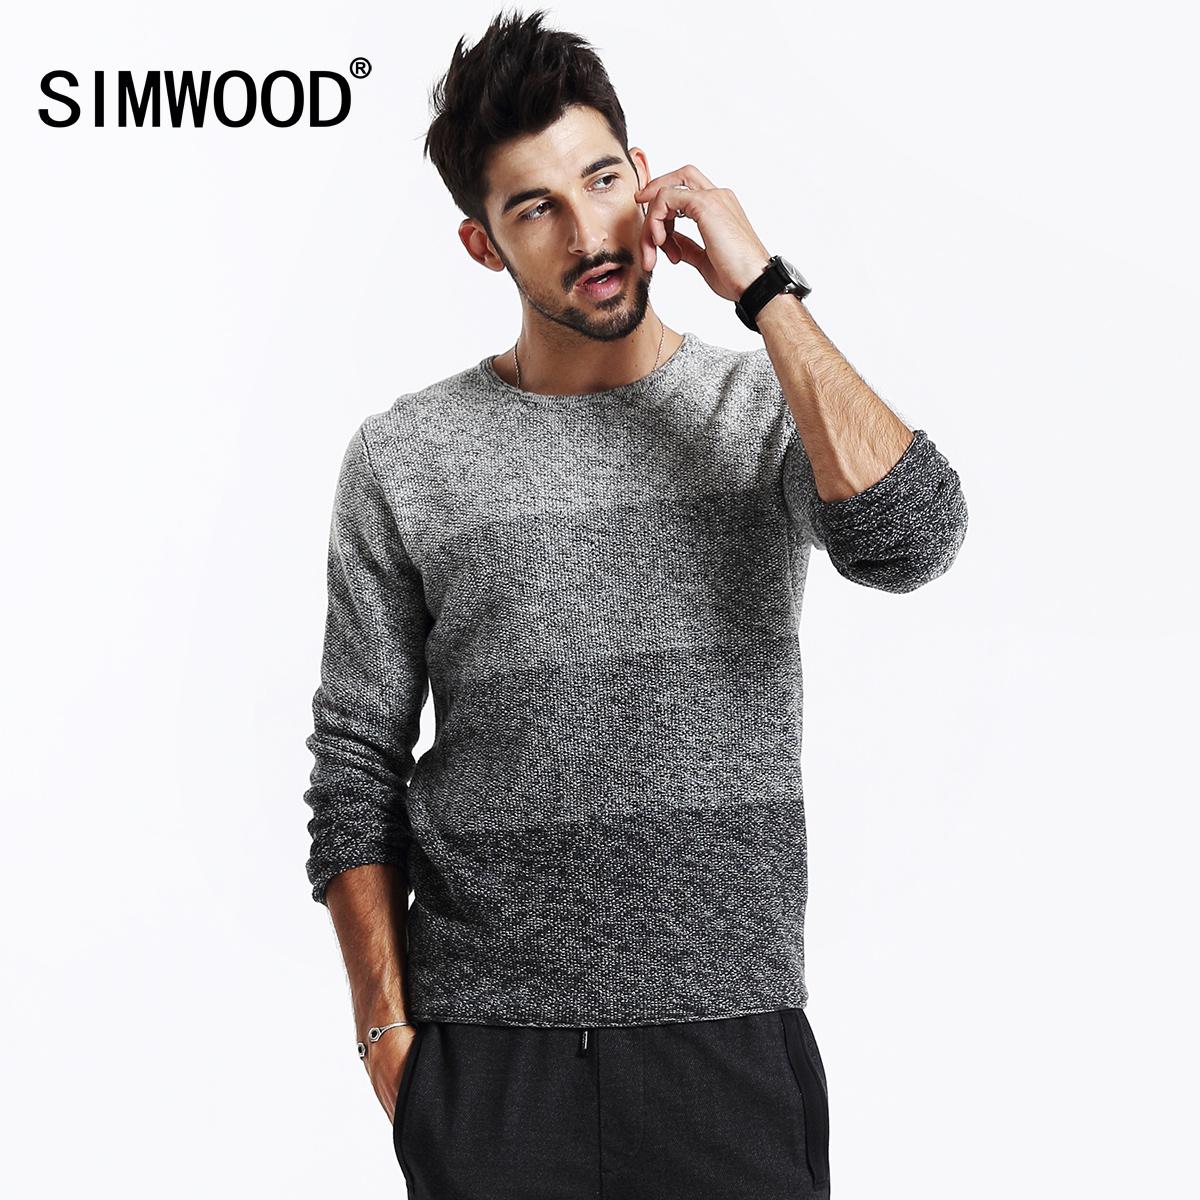 纯色毛衣显单调?撞色毛衣让你更时髦